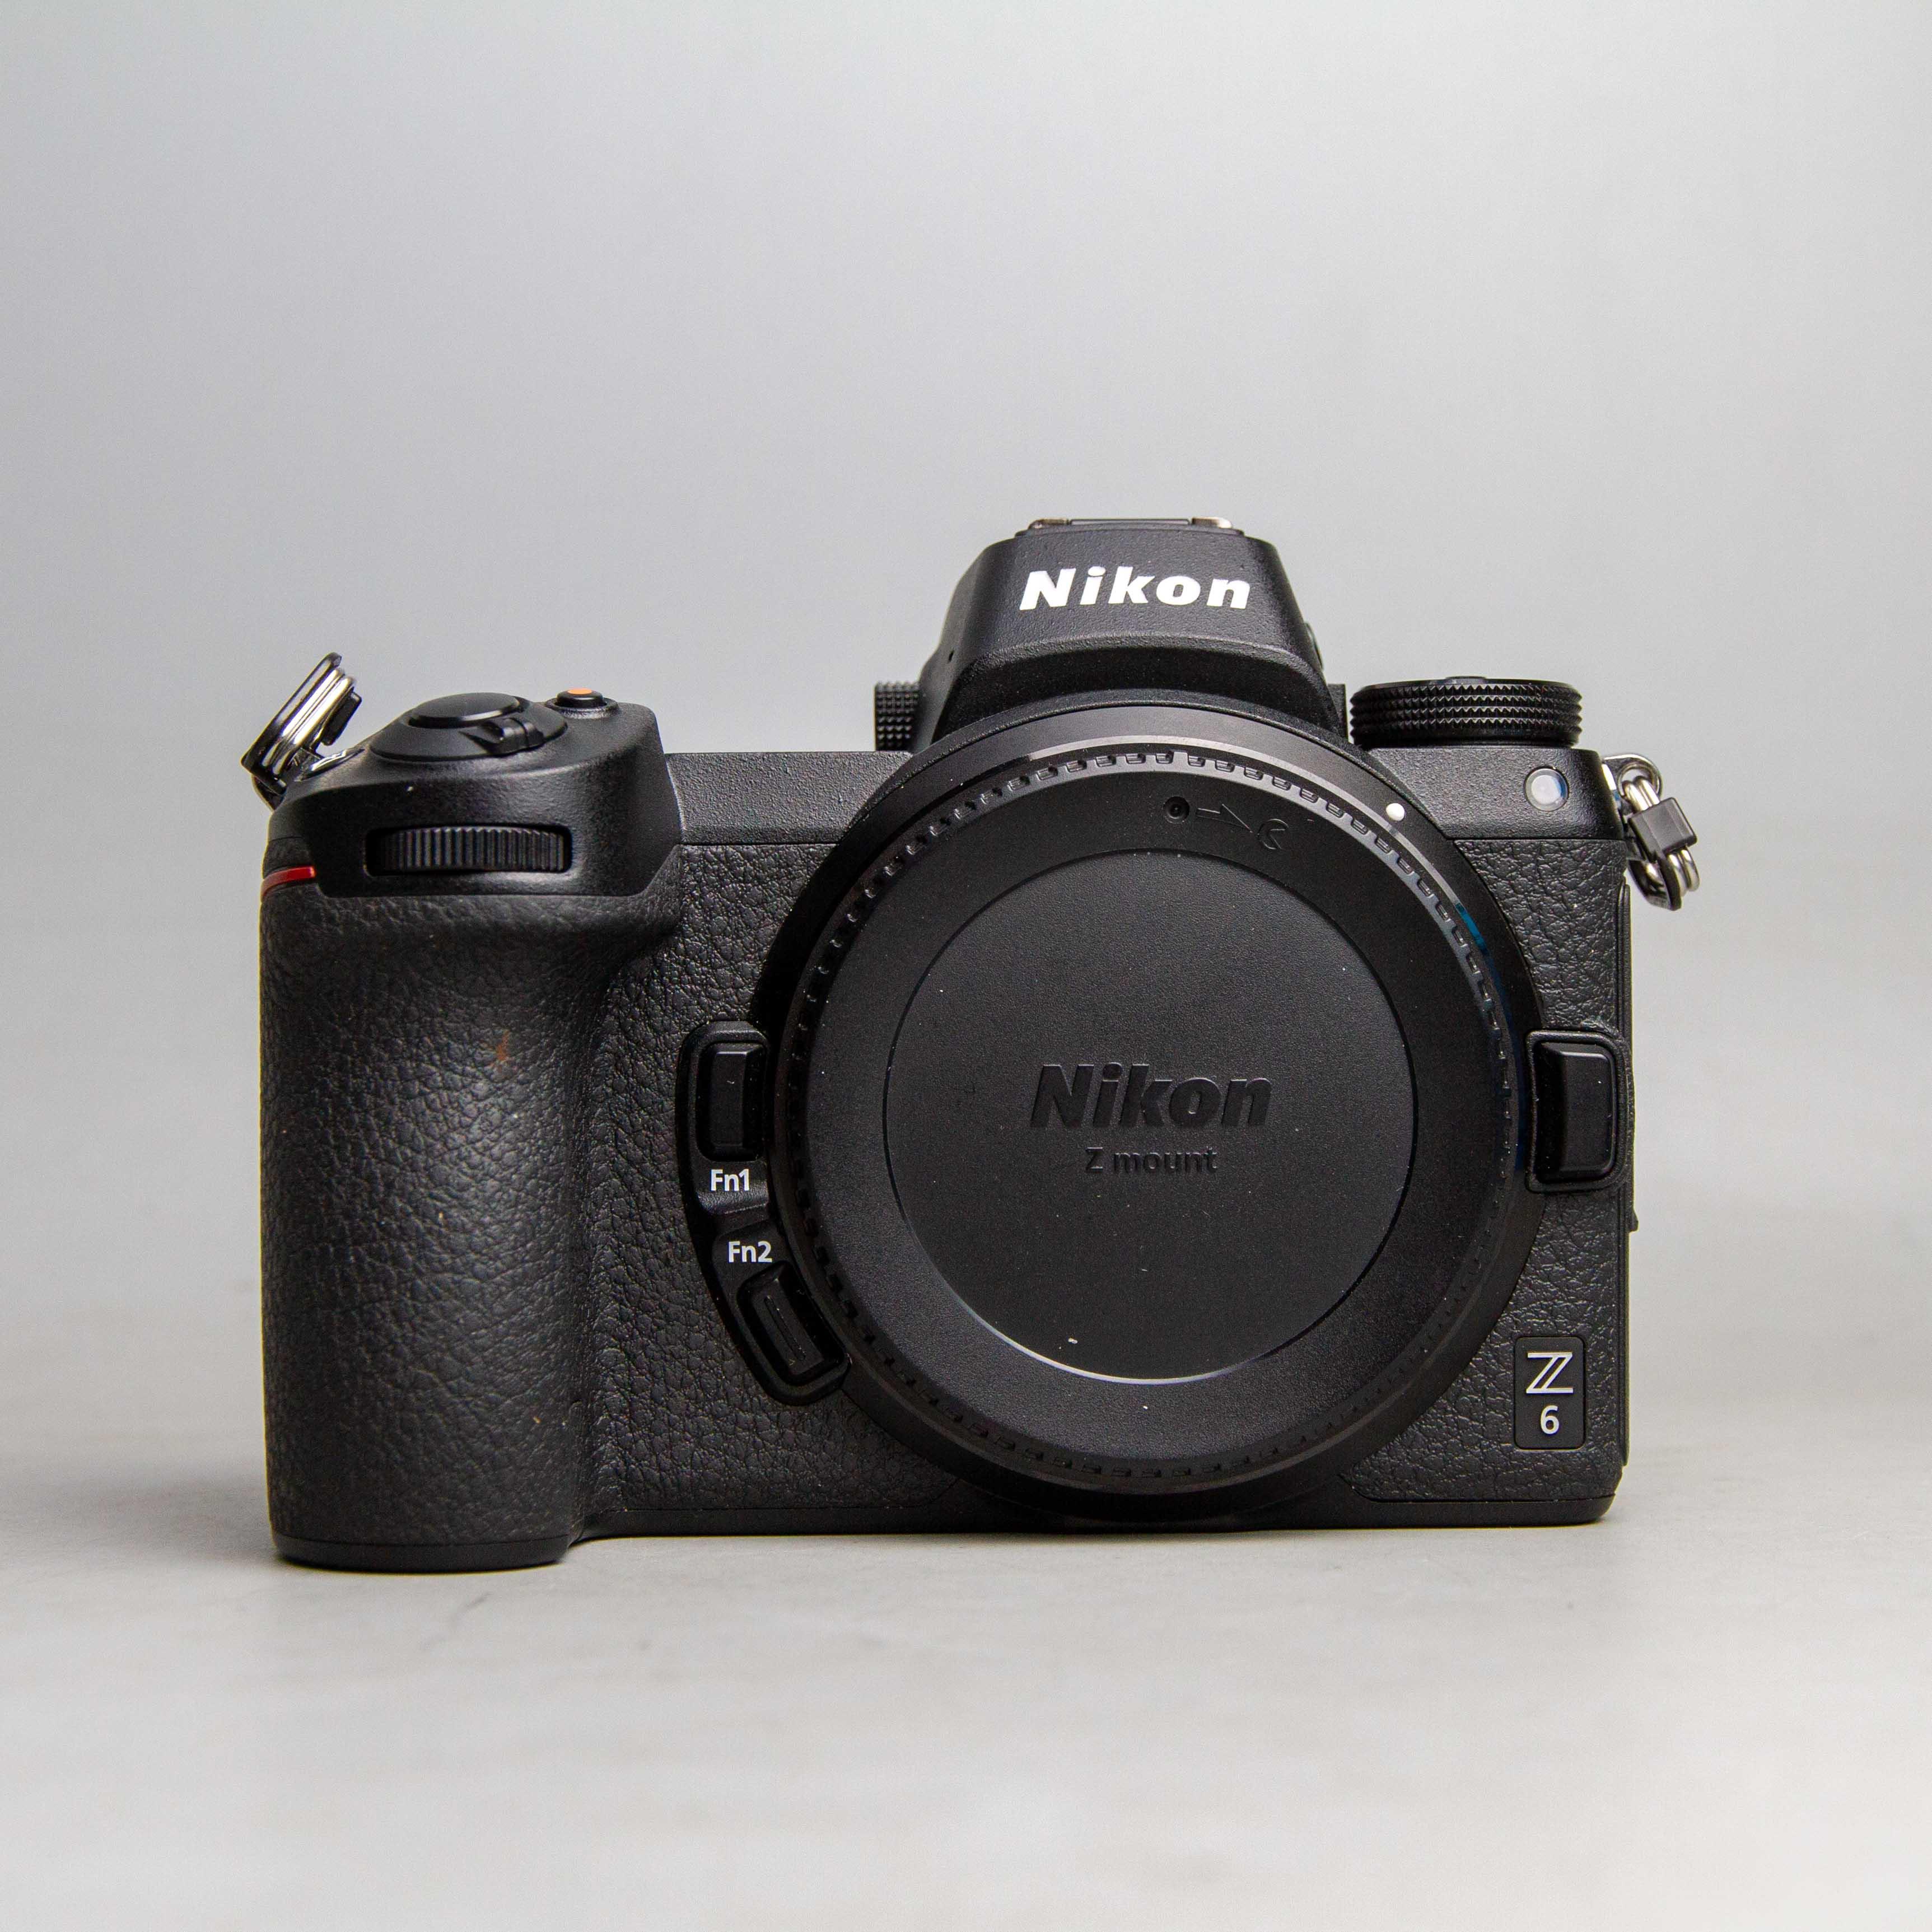 nikon-z6-body-likenew-fullbox-4k-shots-18711